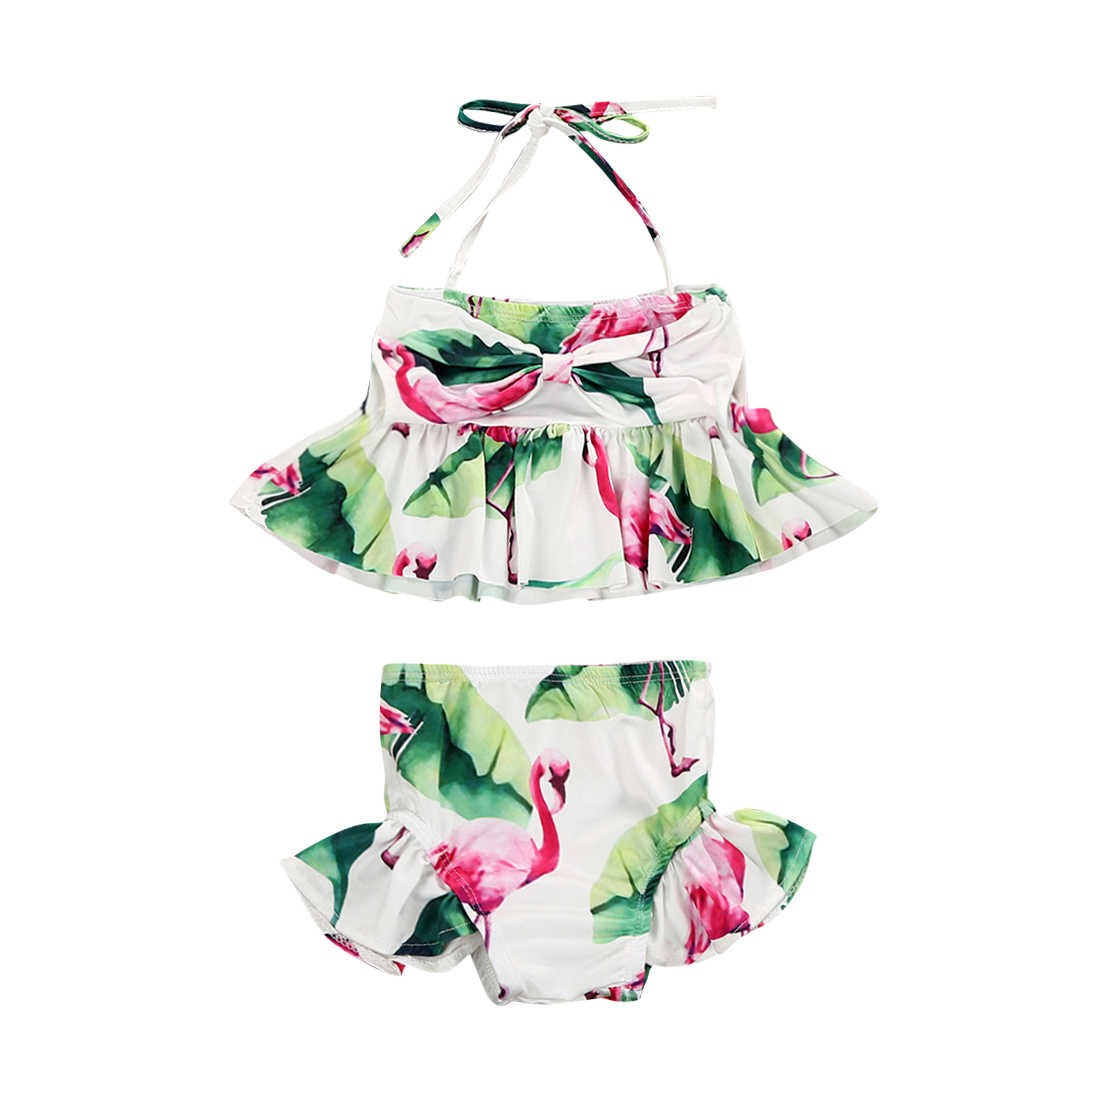 キッズベビー女の子服セット2018かわいいフラミンゴ水着ビキニ水着ビーチウェア夏水着女の子のため